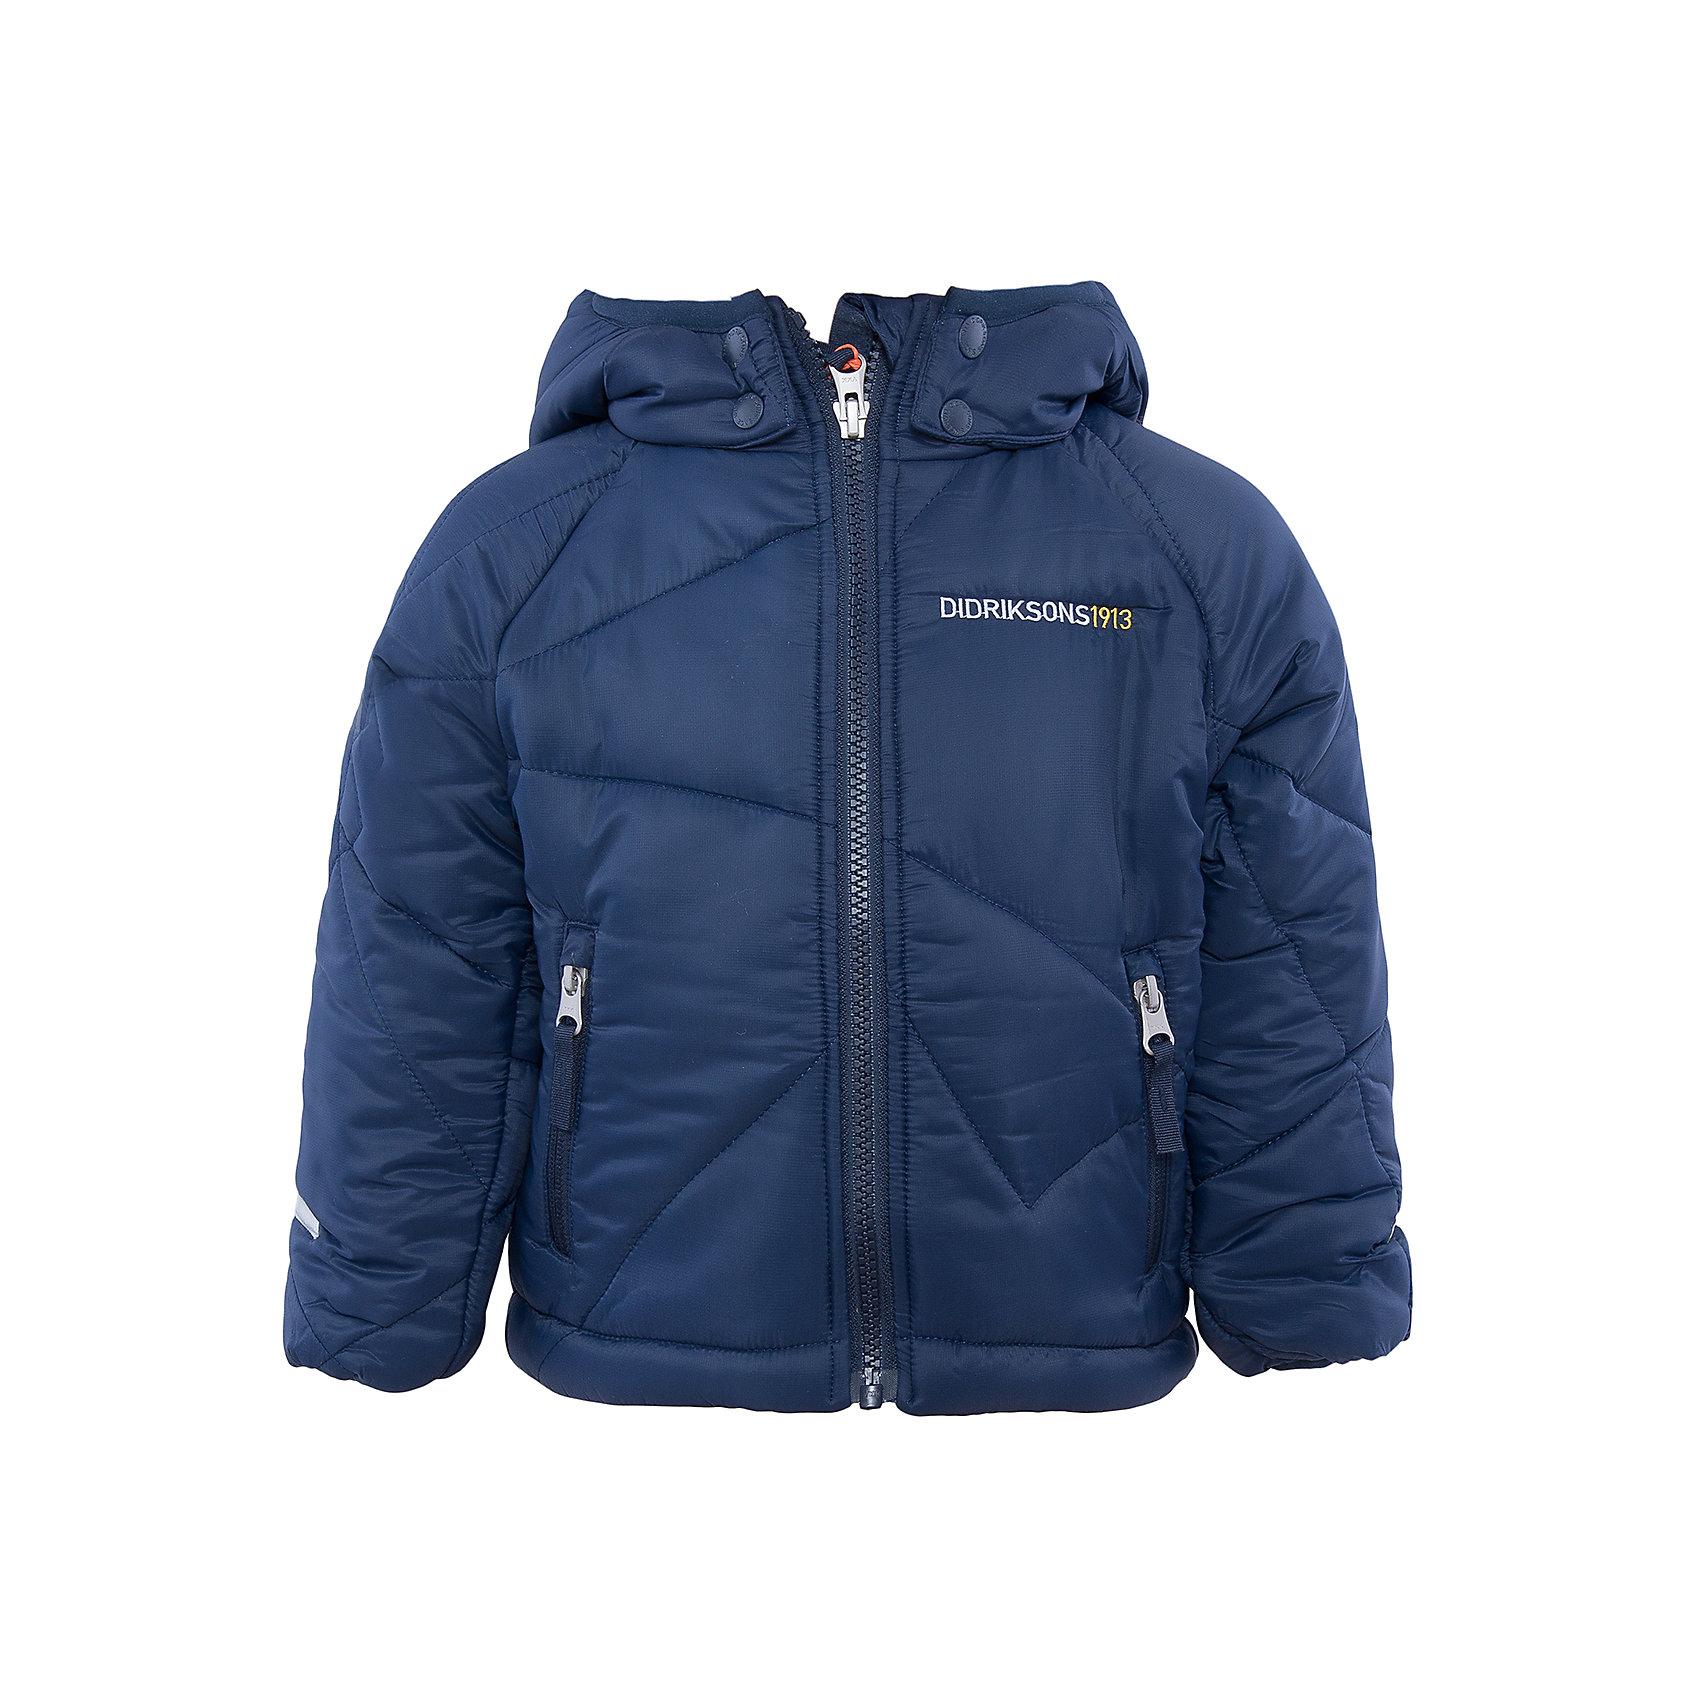 Куртка Coddi DIDRIKSONSХарактеристики товара:<br><br>• цвет: синий<br>• материал: 100% полиамид, подкладка 100% полиэстер<br>• утеплитель: 240 г/м<br>• сезон: зима<br>• температурный режи от +5 до -20С<br>• дополнительная пропитка верха<br>• съемный капюшон<br>• фронтальная молния <br>• светоотражающие детали<br>• можно увеличить длину рукавов на один размер <br>• страна бренда: Швеция<br>• страна производства: Бангладеш<br><br>Такая куртка поможет малышам наслаждаться зимним отдыхом даже в морозы! Это не только стильно, но еще и очень комфортно, а также тепло. Эта качественная куртка обеспечит ребенку удобство при прогулках и активном отдыхе зимой. Такая модель от шведского производителя легко трансформируется под рост ребенка и погодные условия.<br>Куртка сшита из легкого материала с дополнительной пропиткой. Очень стильная и удобная модель! Изделие качественно выполнено, сделано из безопасных для детей материалов. <br><br>Куртку от бренда DIDRIKSONS можно купить в нашем интернет-магазине.<br><br>Ширина мм: 356<br>Глубина мм: 10<br>Высота мм: 245<br>Вес г: 519<br>Цвет: голубой<br>Возраст от месяцев: 72<br>Возраст до месяцев: 84<br>Пол: Мужской<br>Возраст: Детский<br>Размер: 120,110,100,90,80,130<br>SKU: 5043918